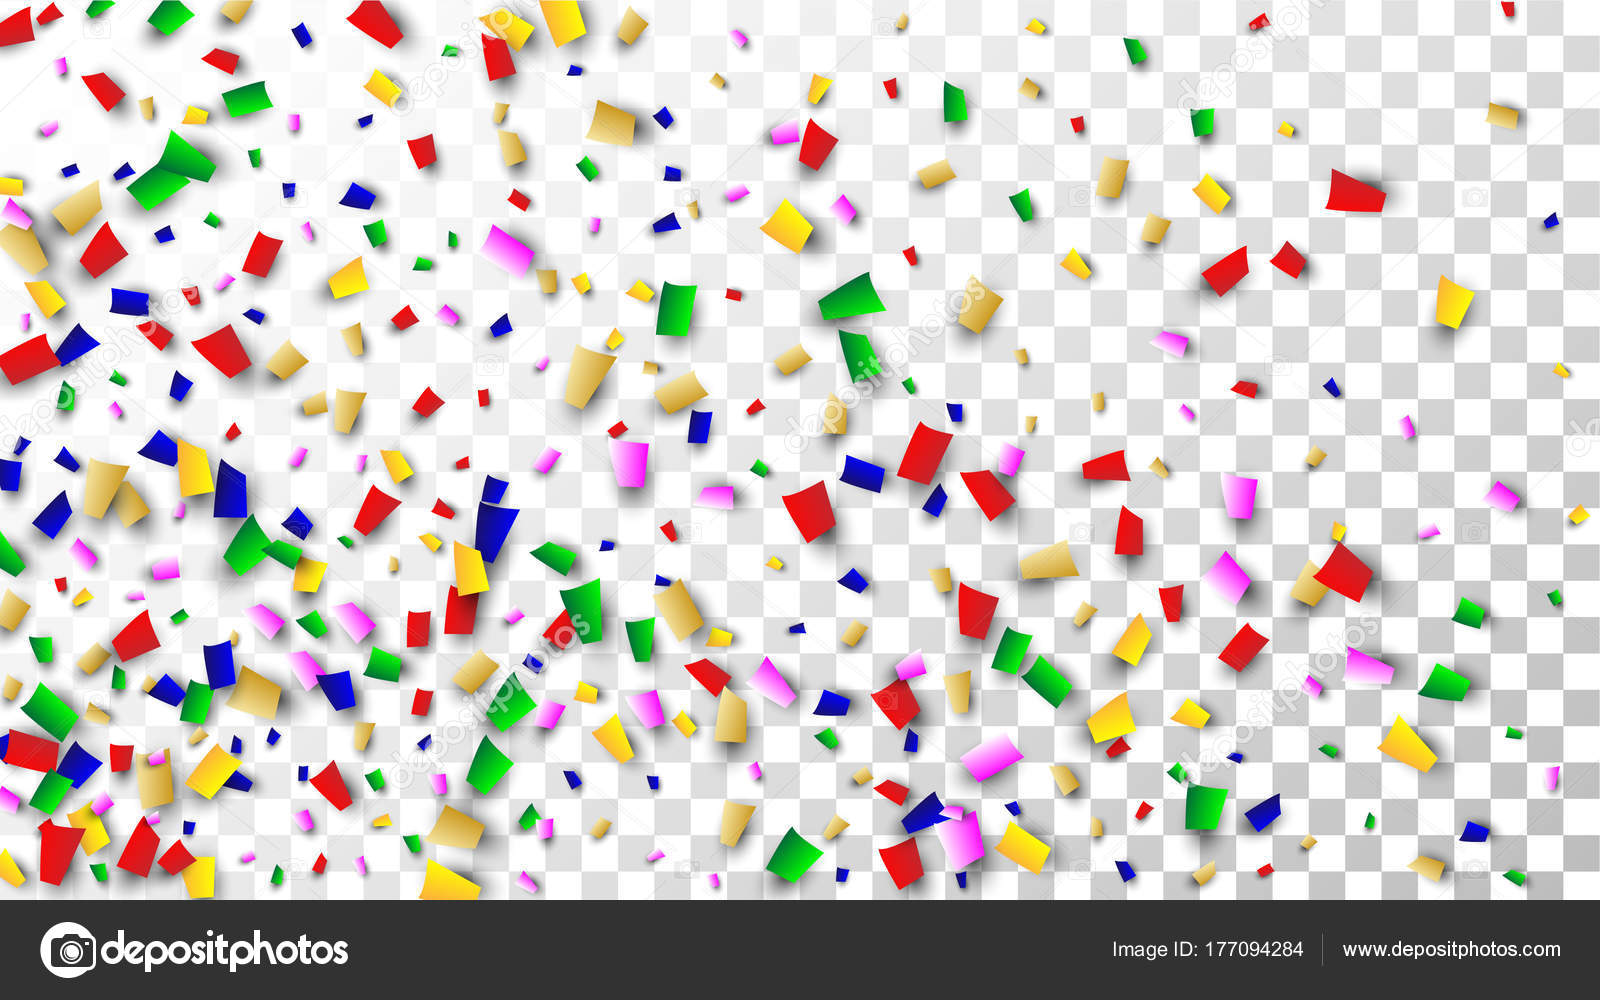 Celebration Confetti Background  Many Falling Confetti for